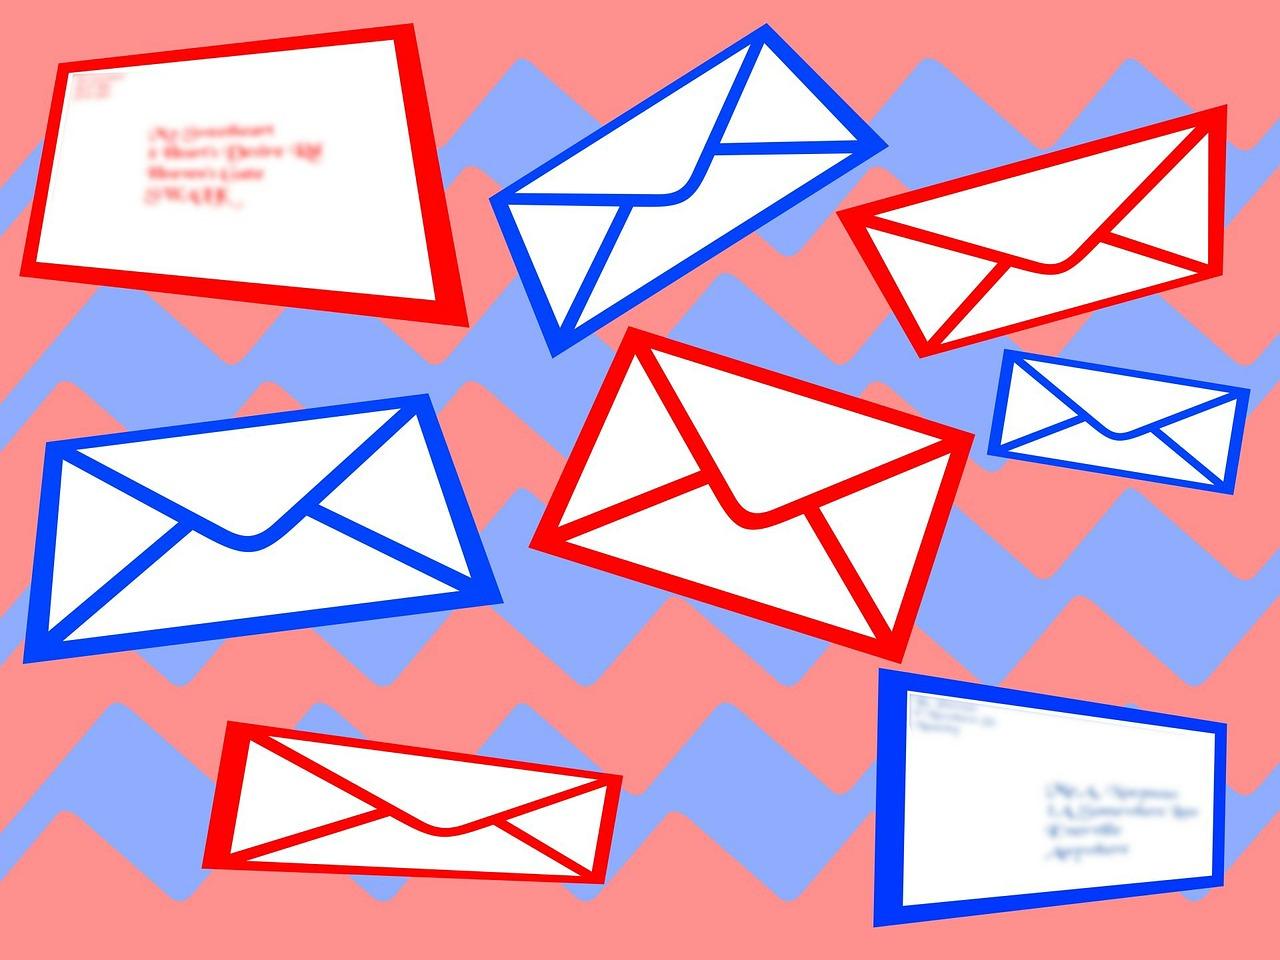 картинки на фон почты появился